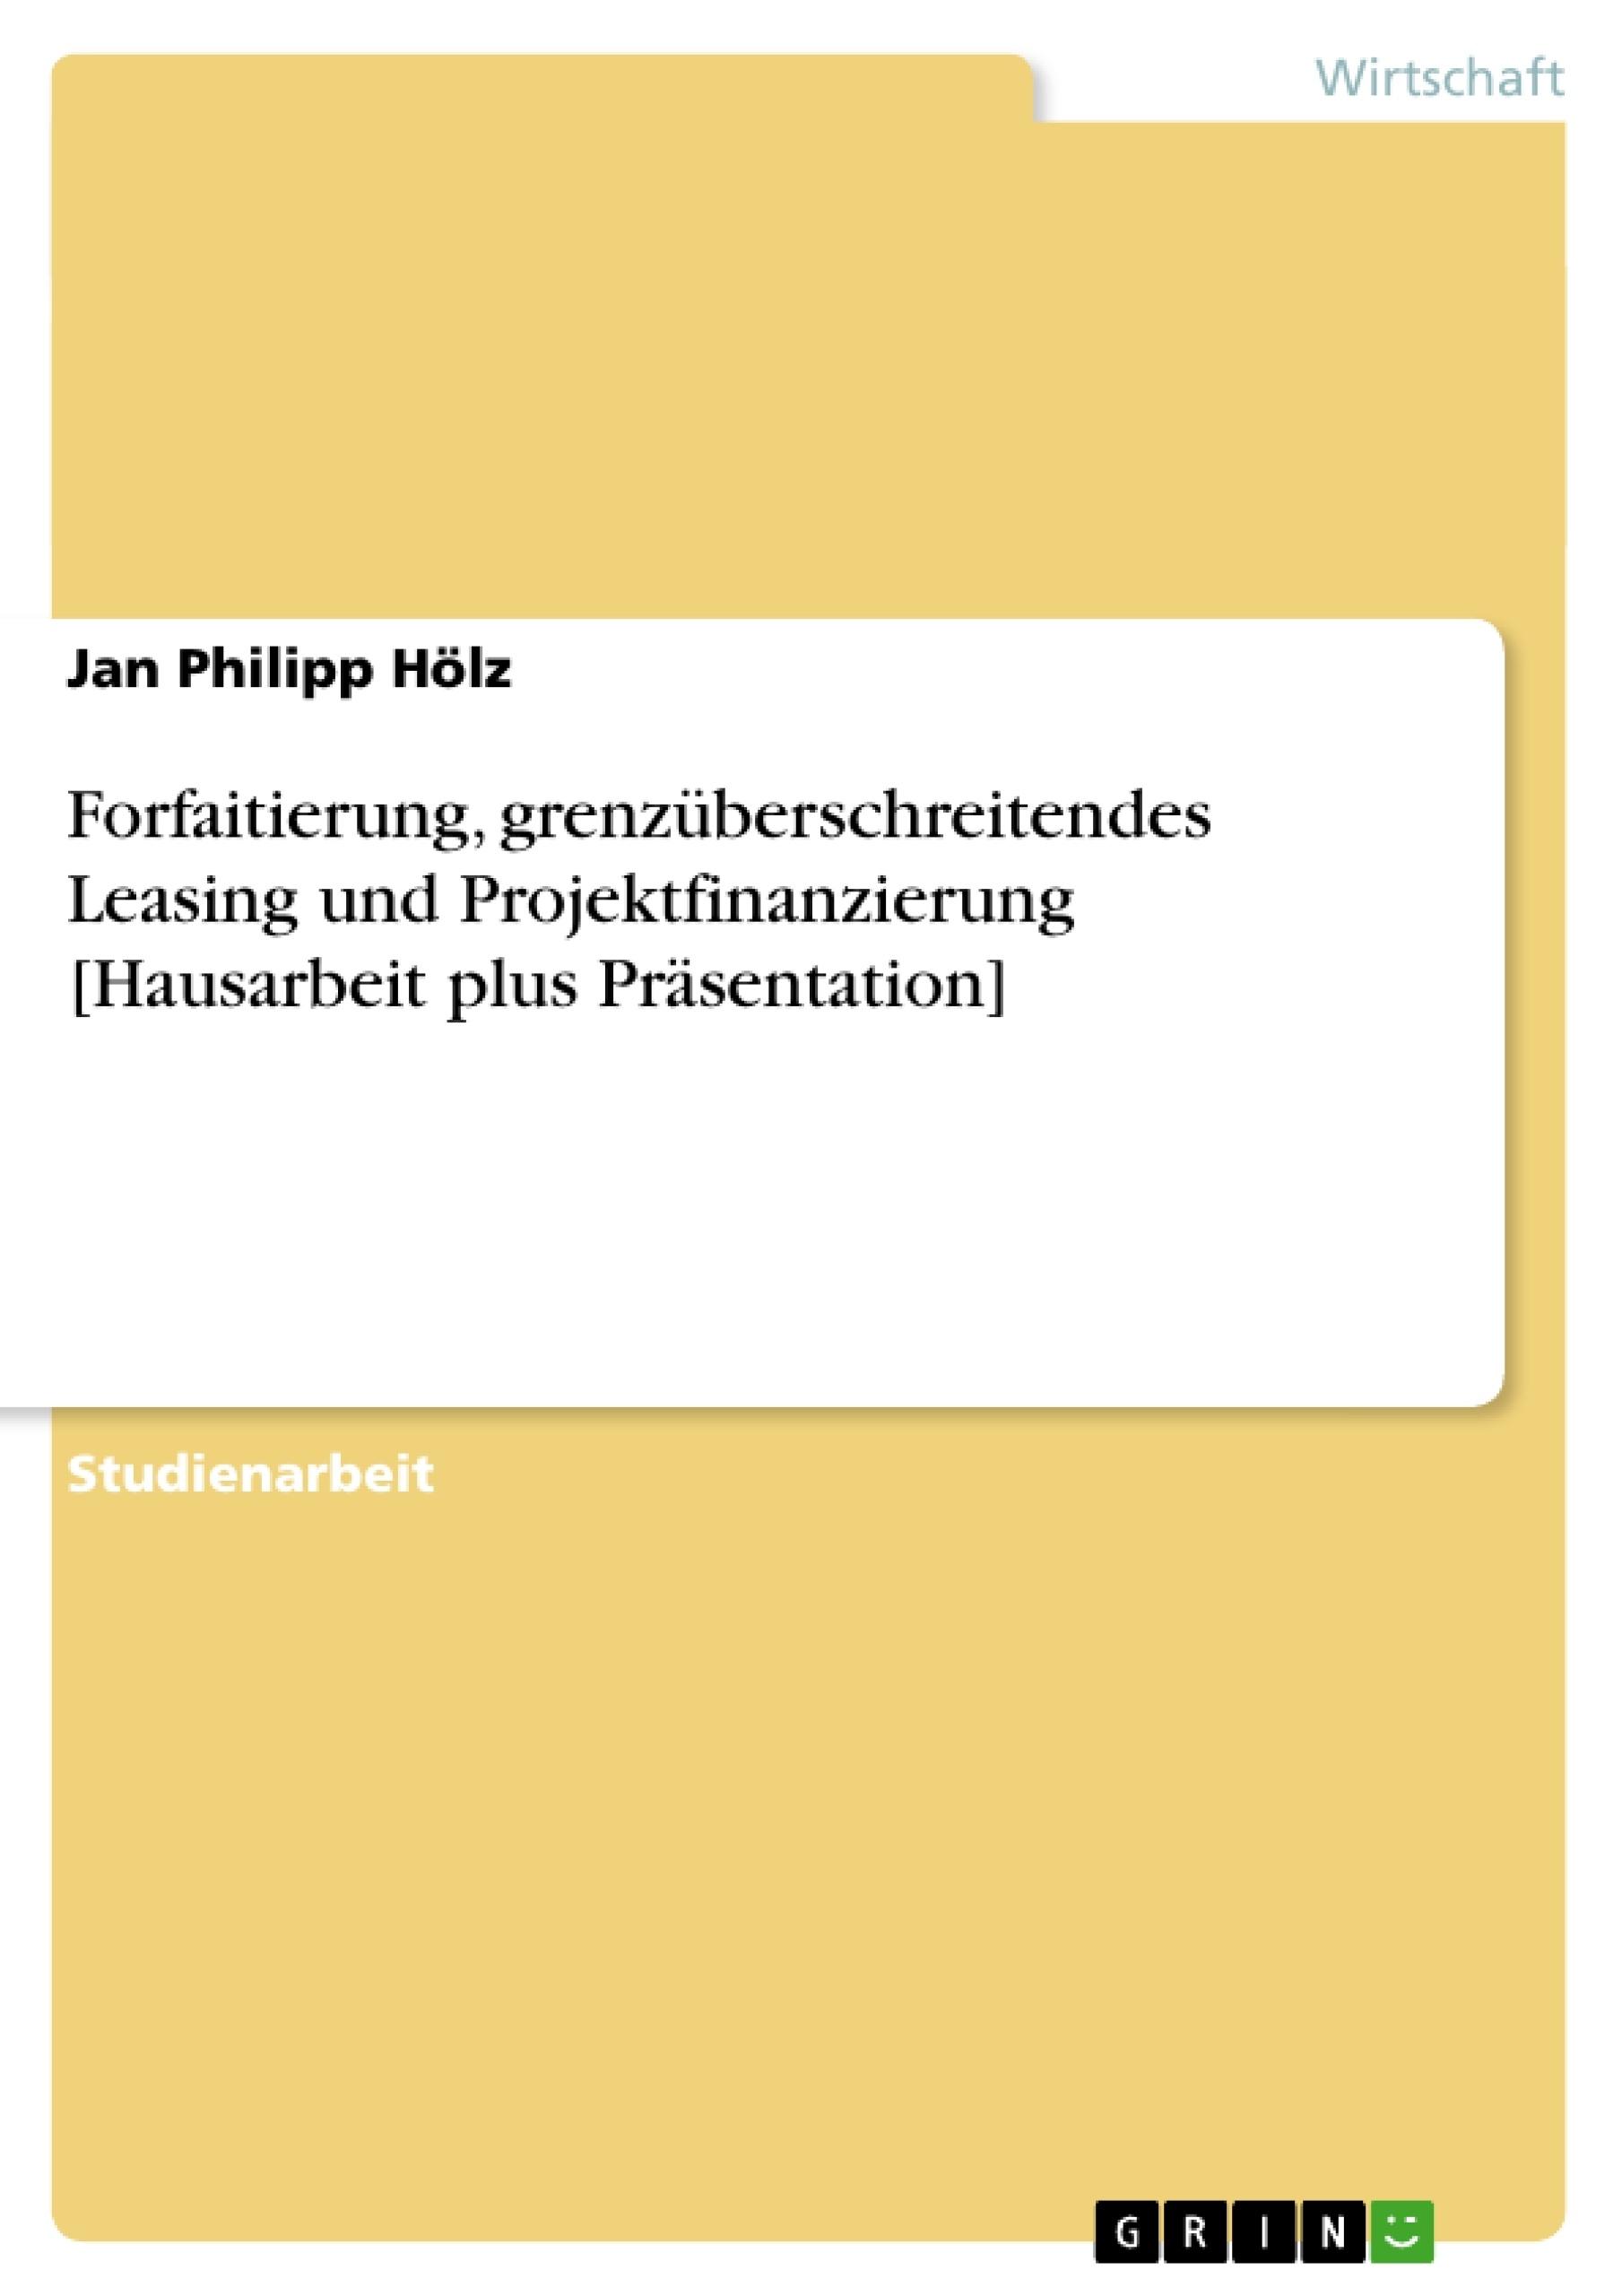 Titel: Forfaitierung, grenzüberschreitendes Leasing und Projektfinanzierung [Hausarbeit plus Präsentation]